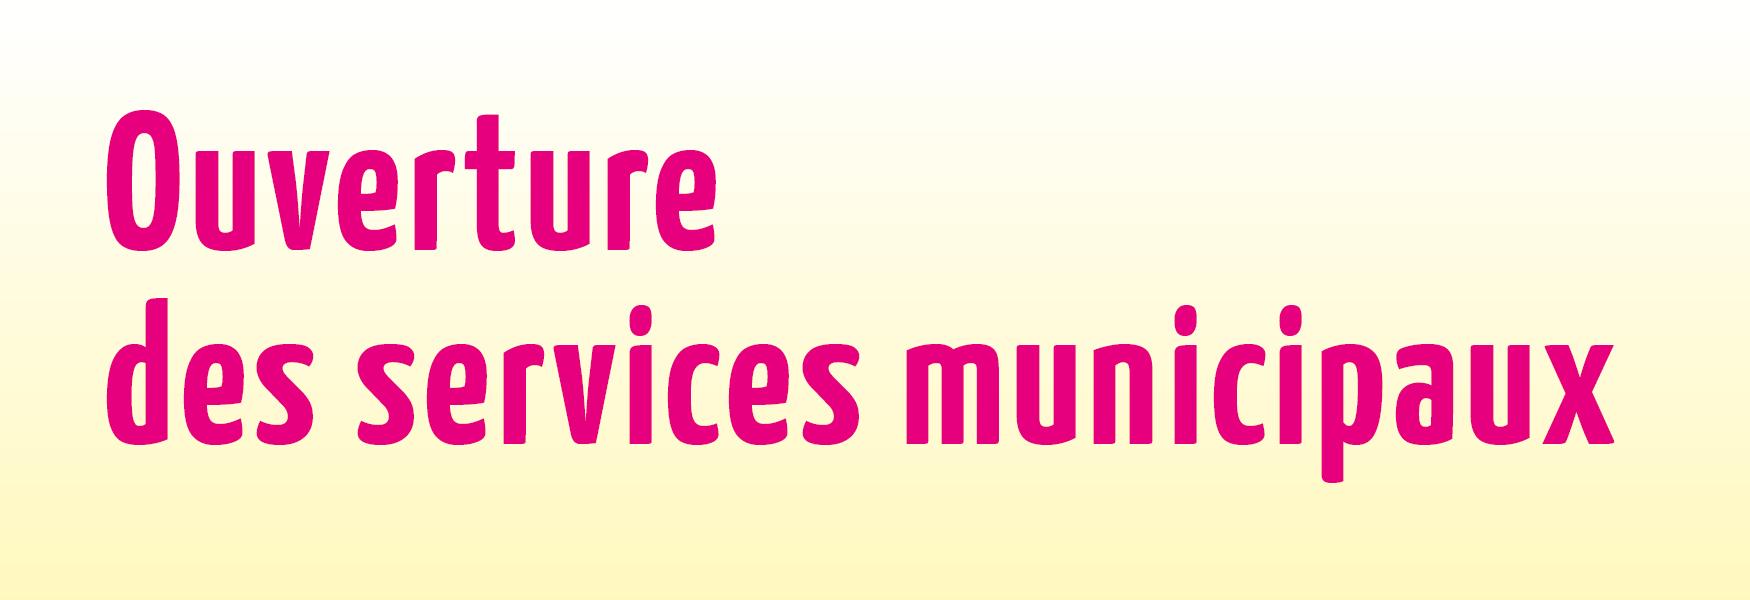 Accueil dans les services et équipements de la Ville depuis le 11 mai